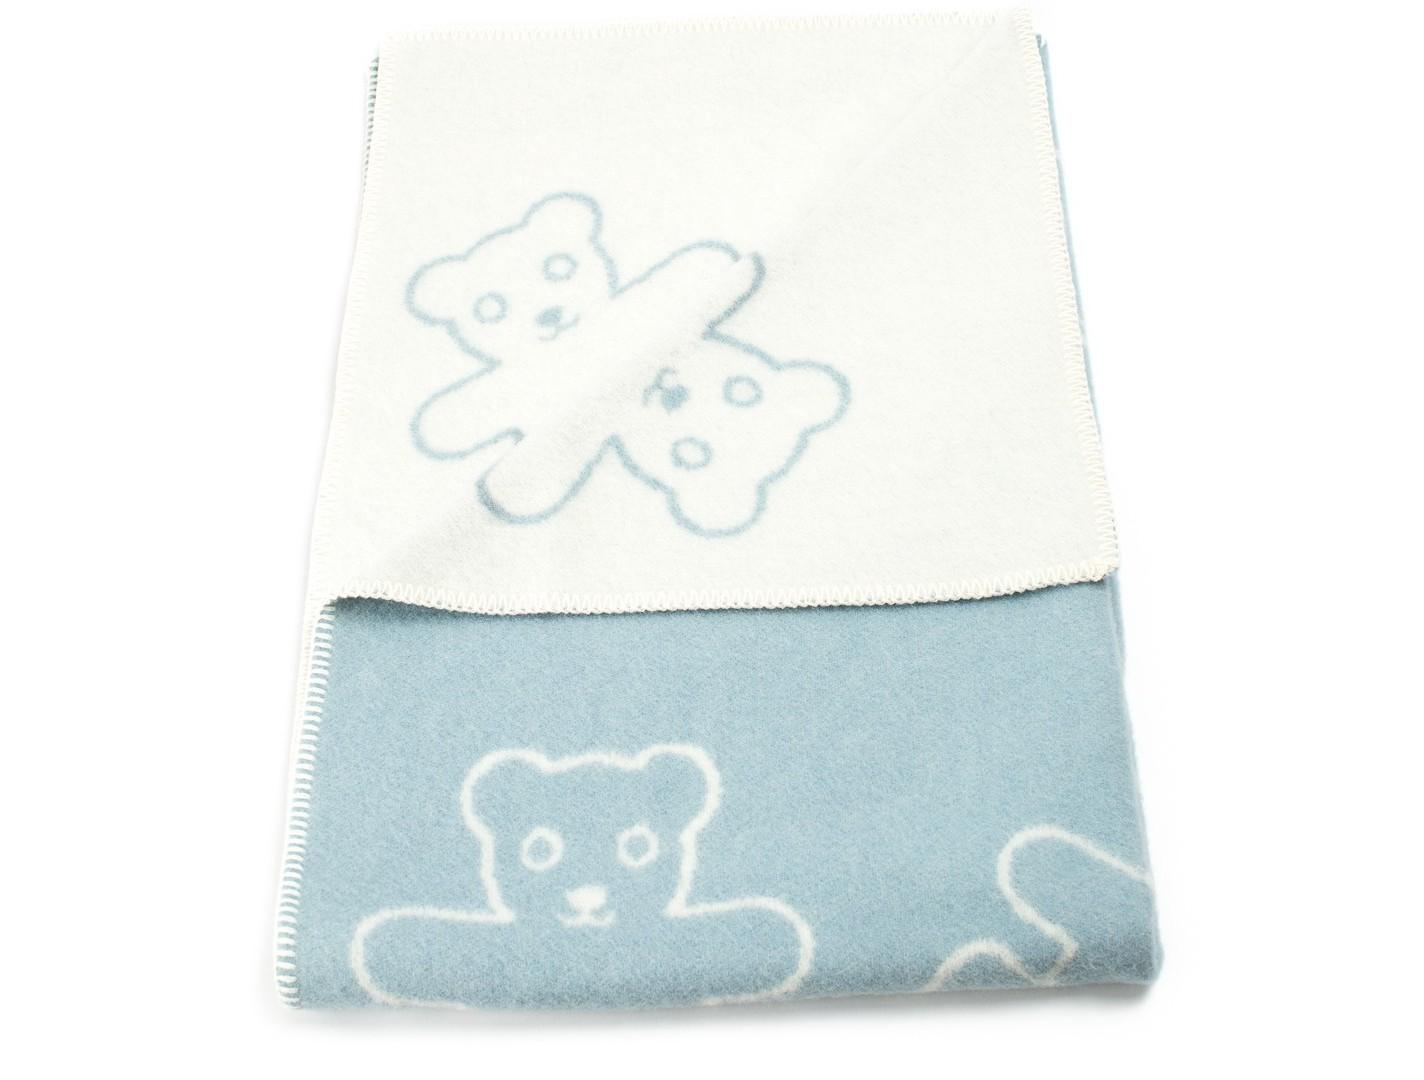 Плед Teddy BlueШерстяные пледы<br>Уютный детский плед с рисунком &amp;quot;Мишки&amp;quot;. Одна сторона - голубая, вторая - кремовая. Теплое, натуральное шерстяное одеяло для Вашего малыша!<br><br>Material: Шерсть<br>Ширина см: 130.0<br>Глубина см: 90.0